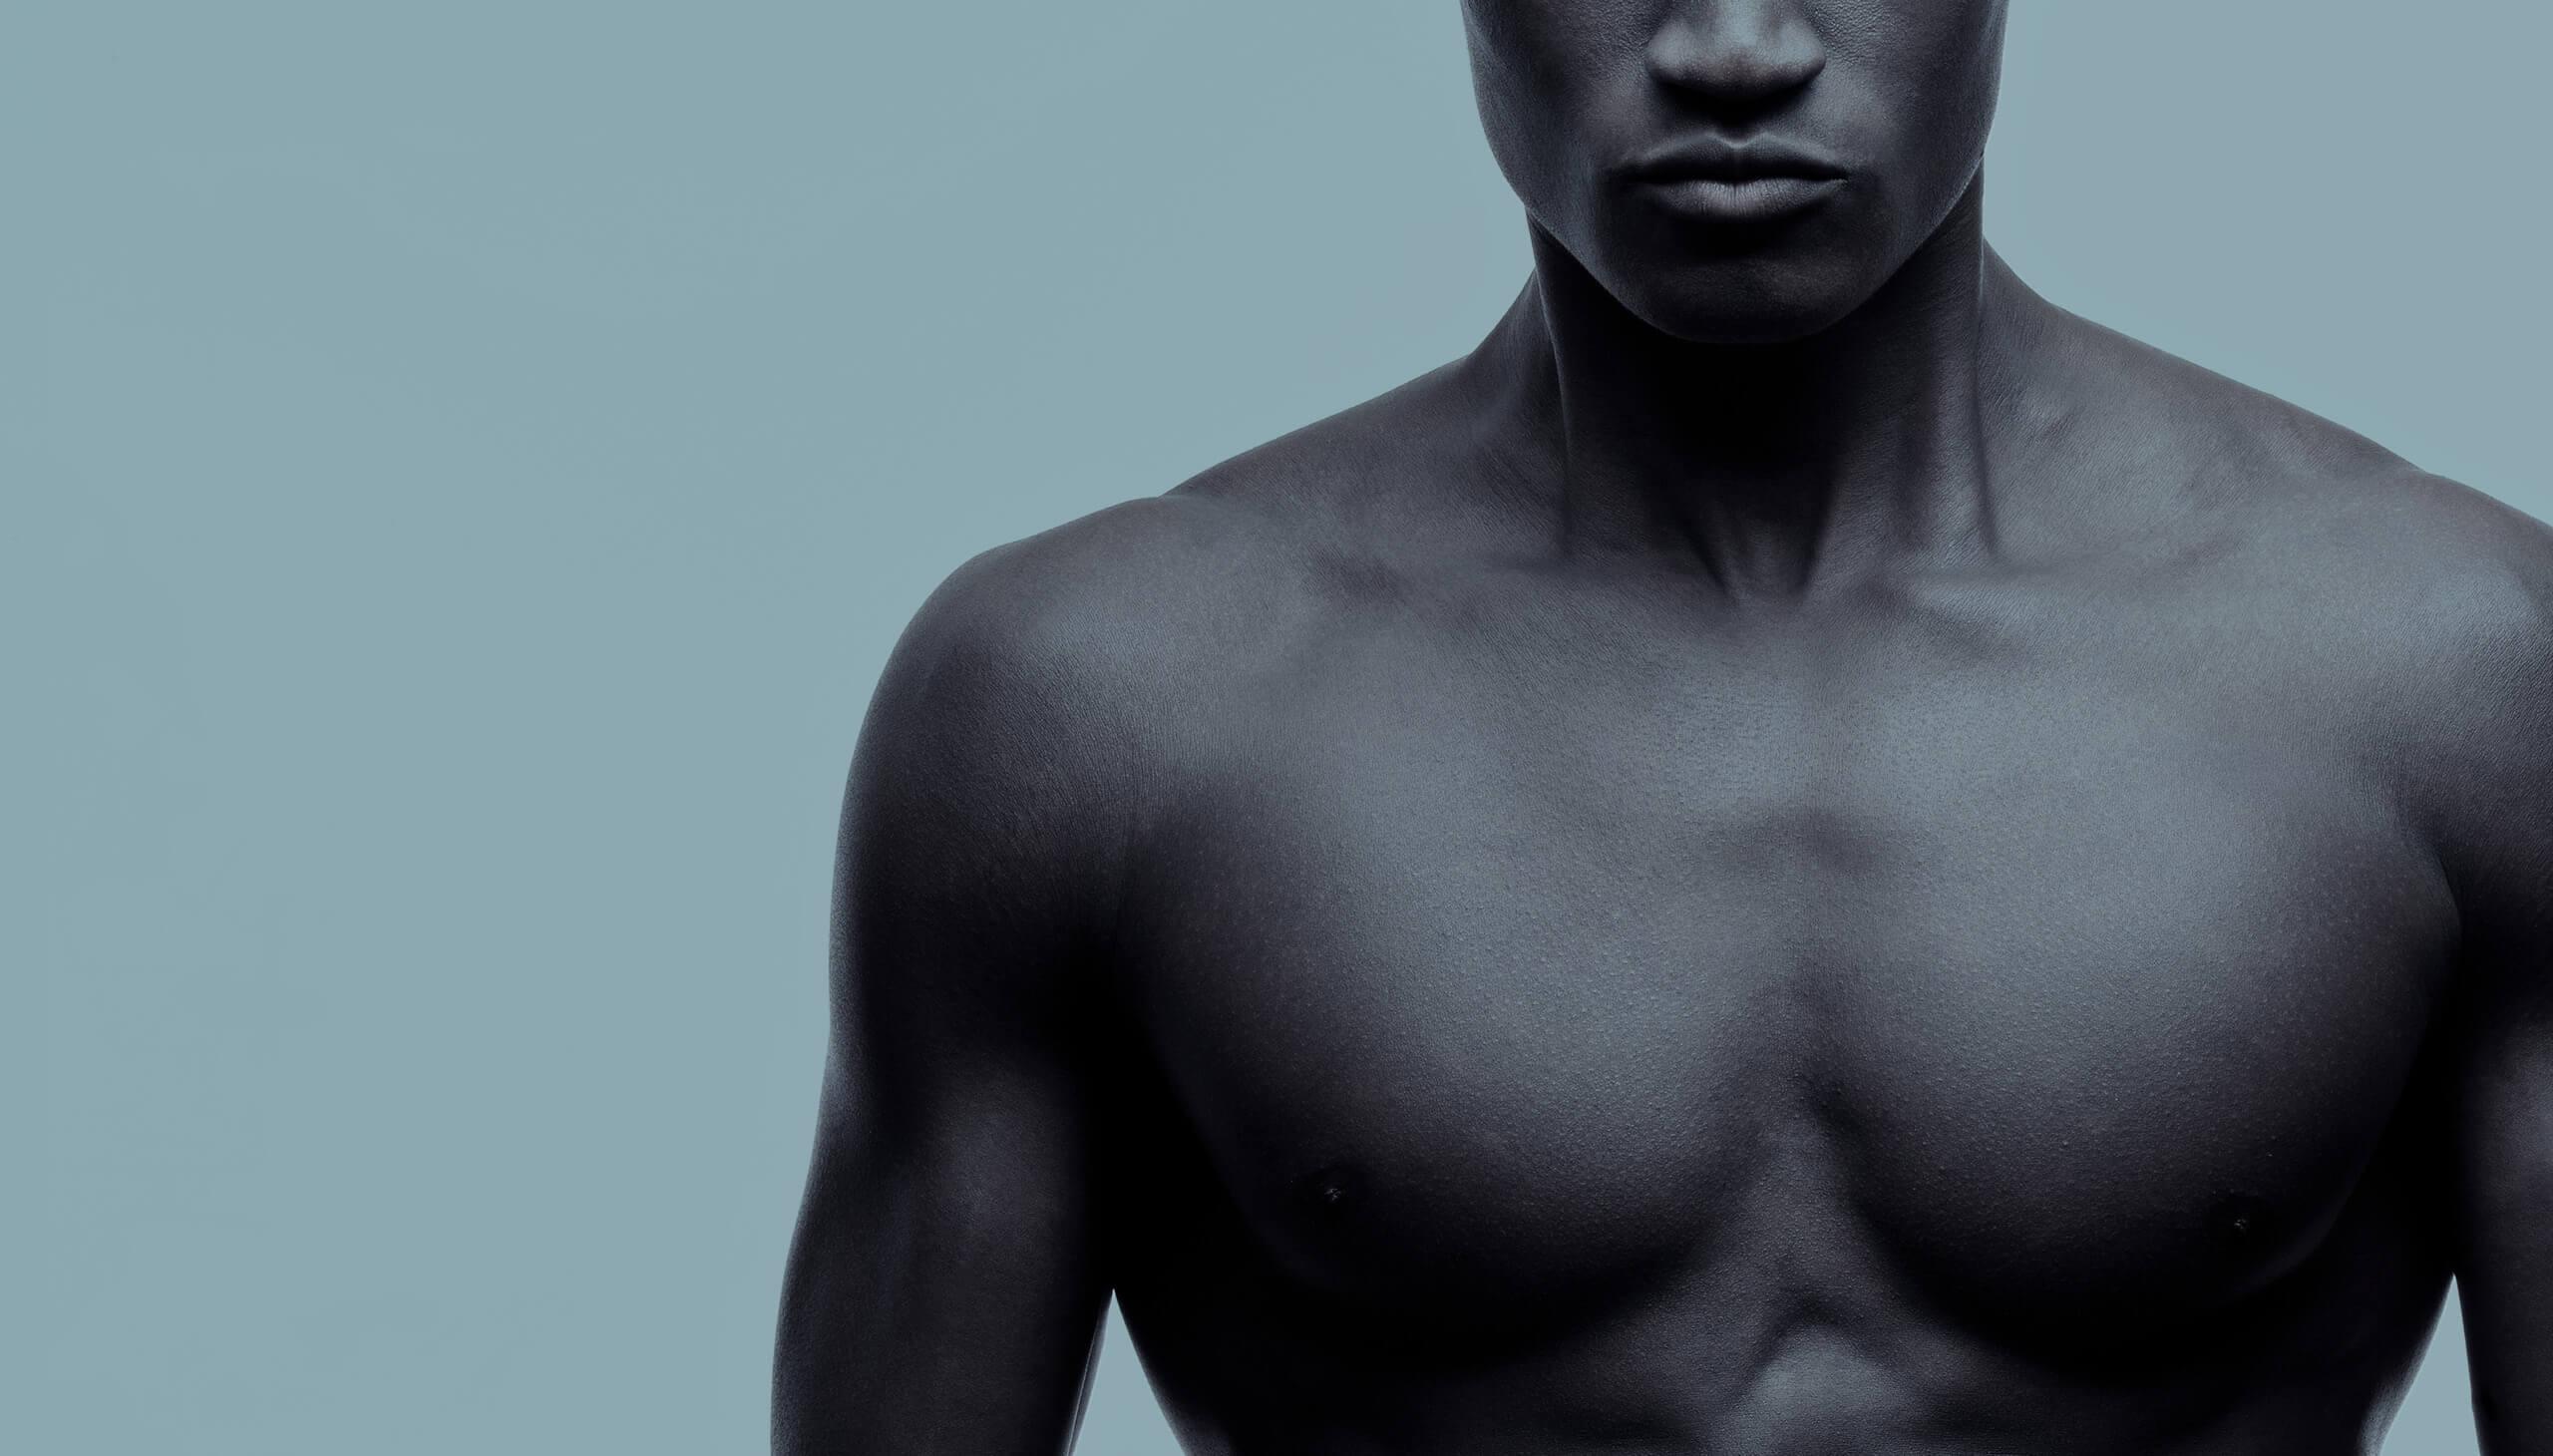 Athletic shoulder